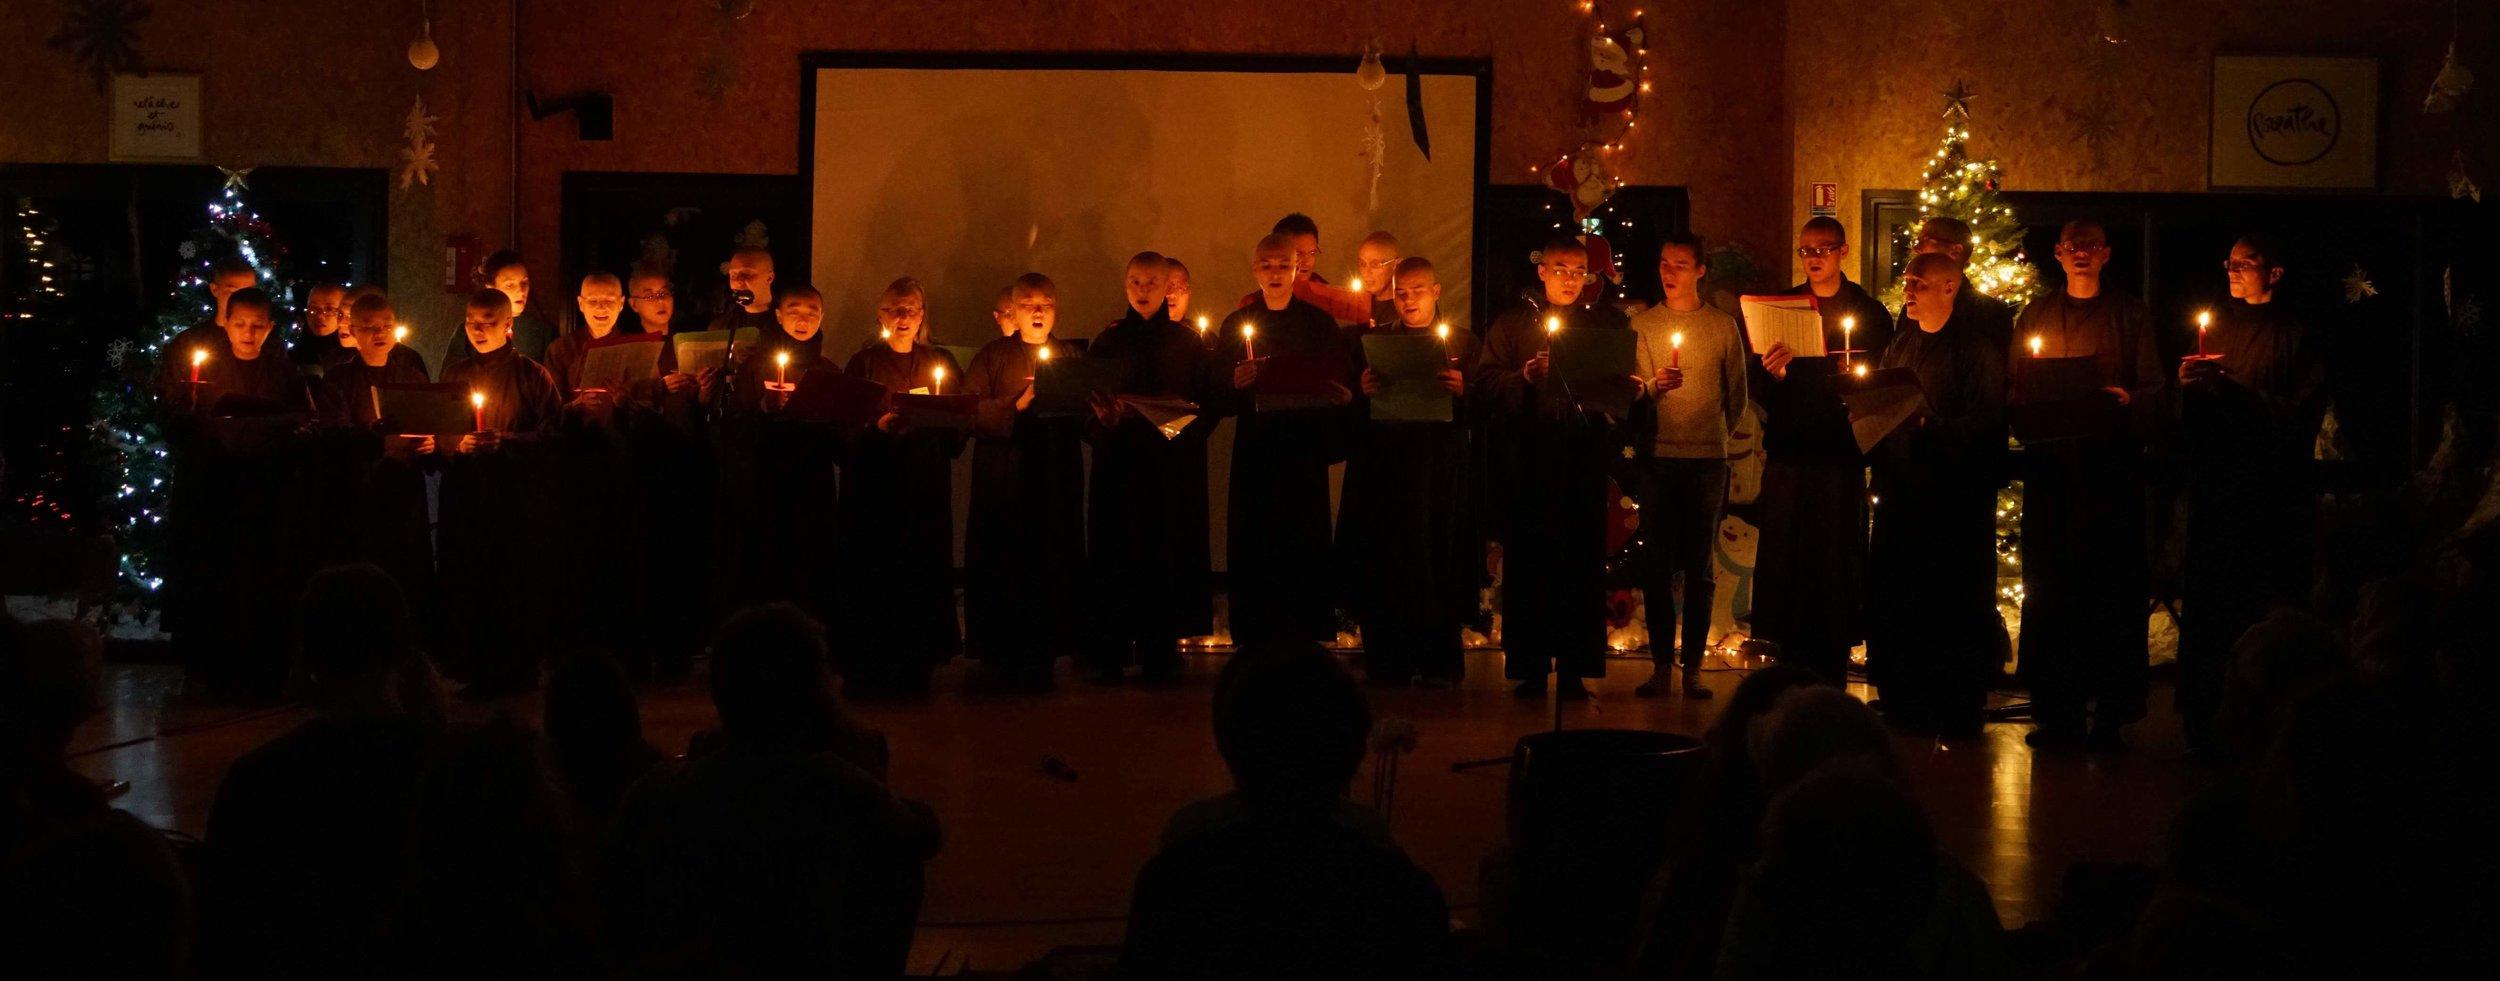 MB81-08 monastic choir at Christmas Eve_photo courtesy of monastic Sangha.JPG